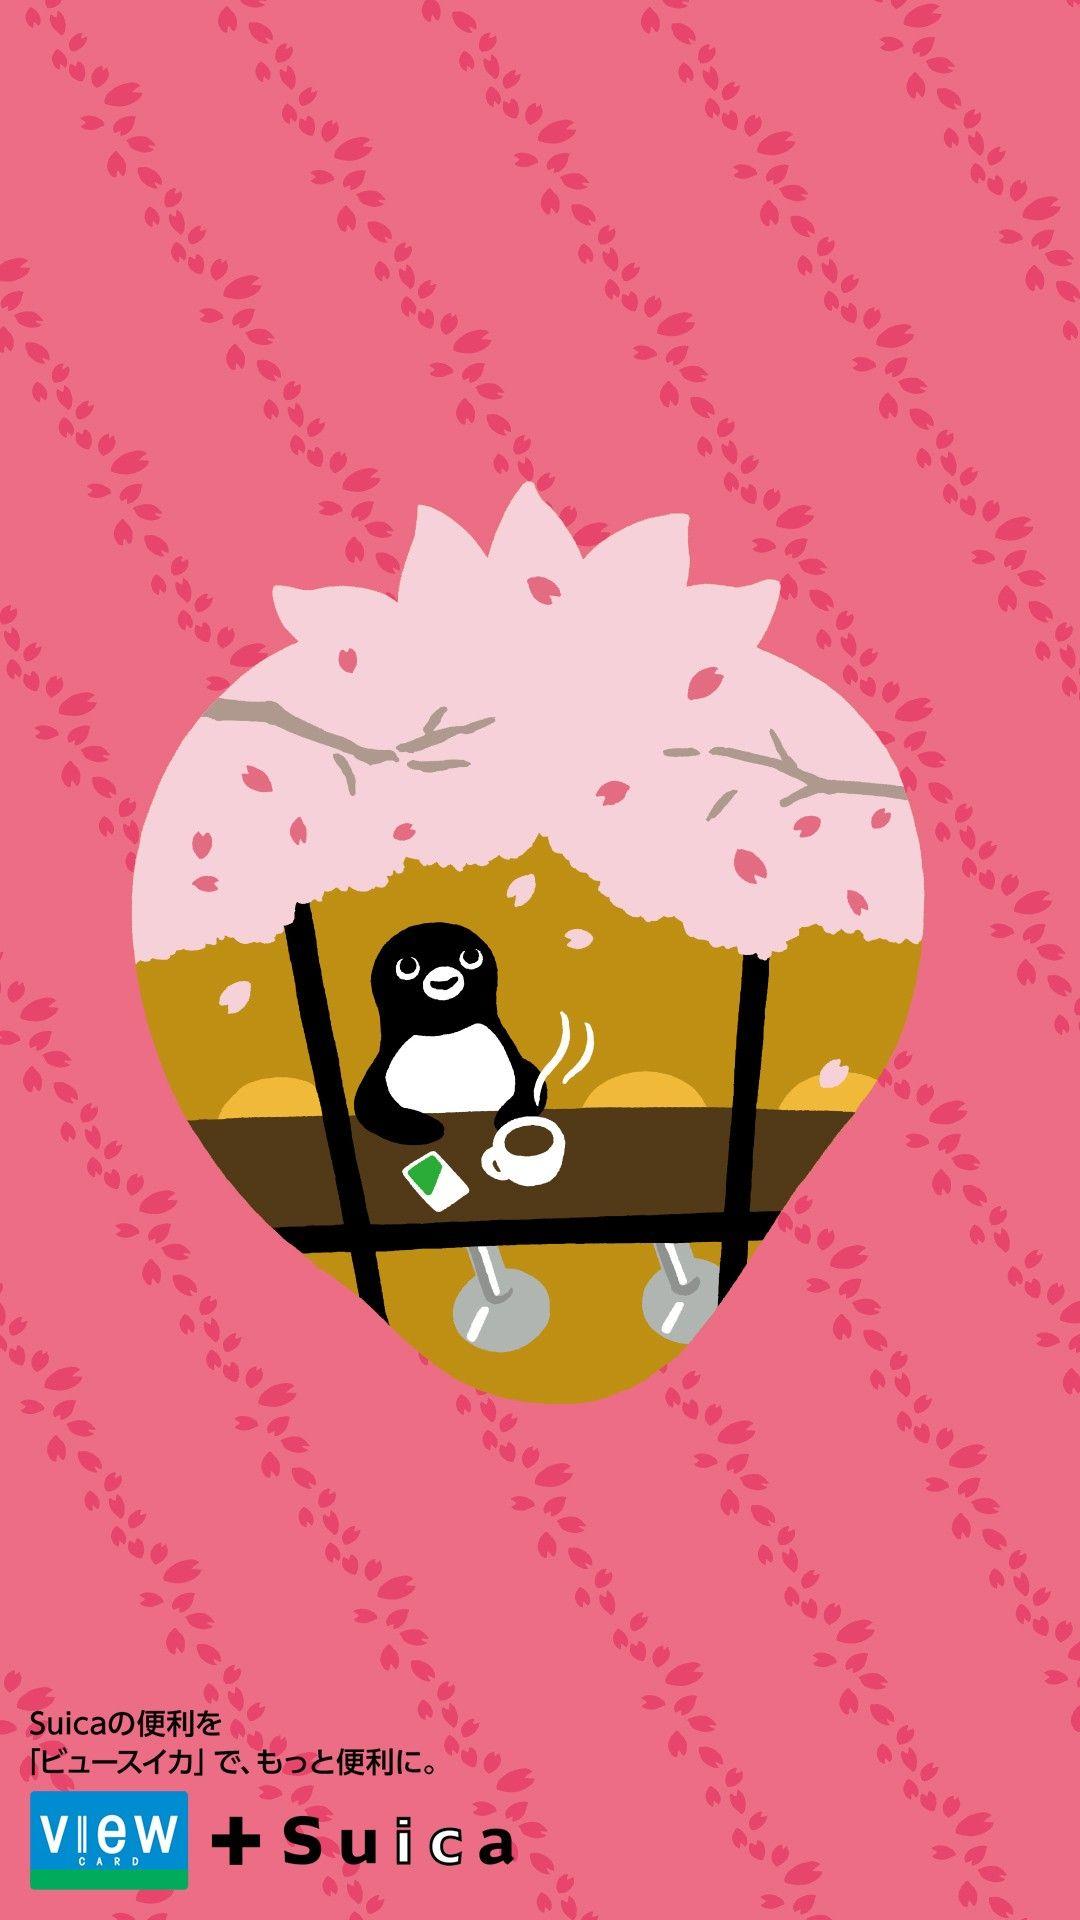 企鹅 の画像 投稿者 Littlesheep さん Suica ペンギン